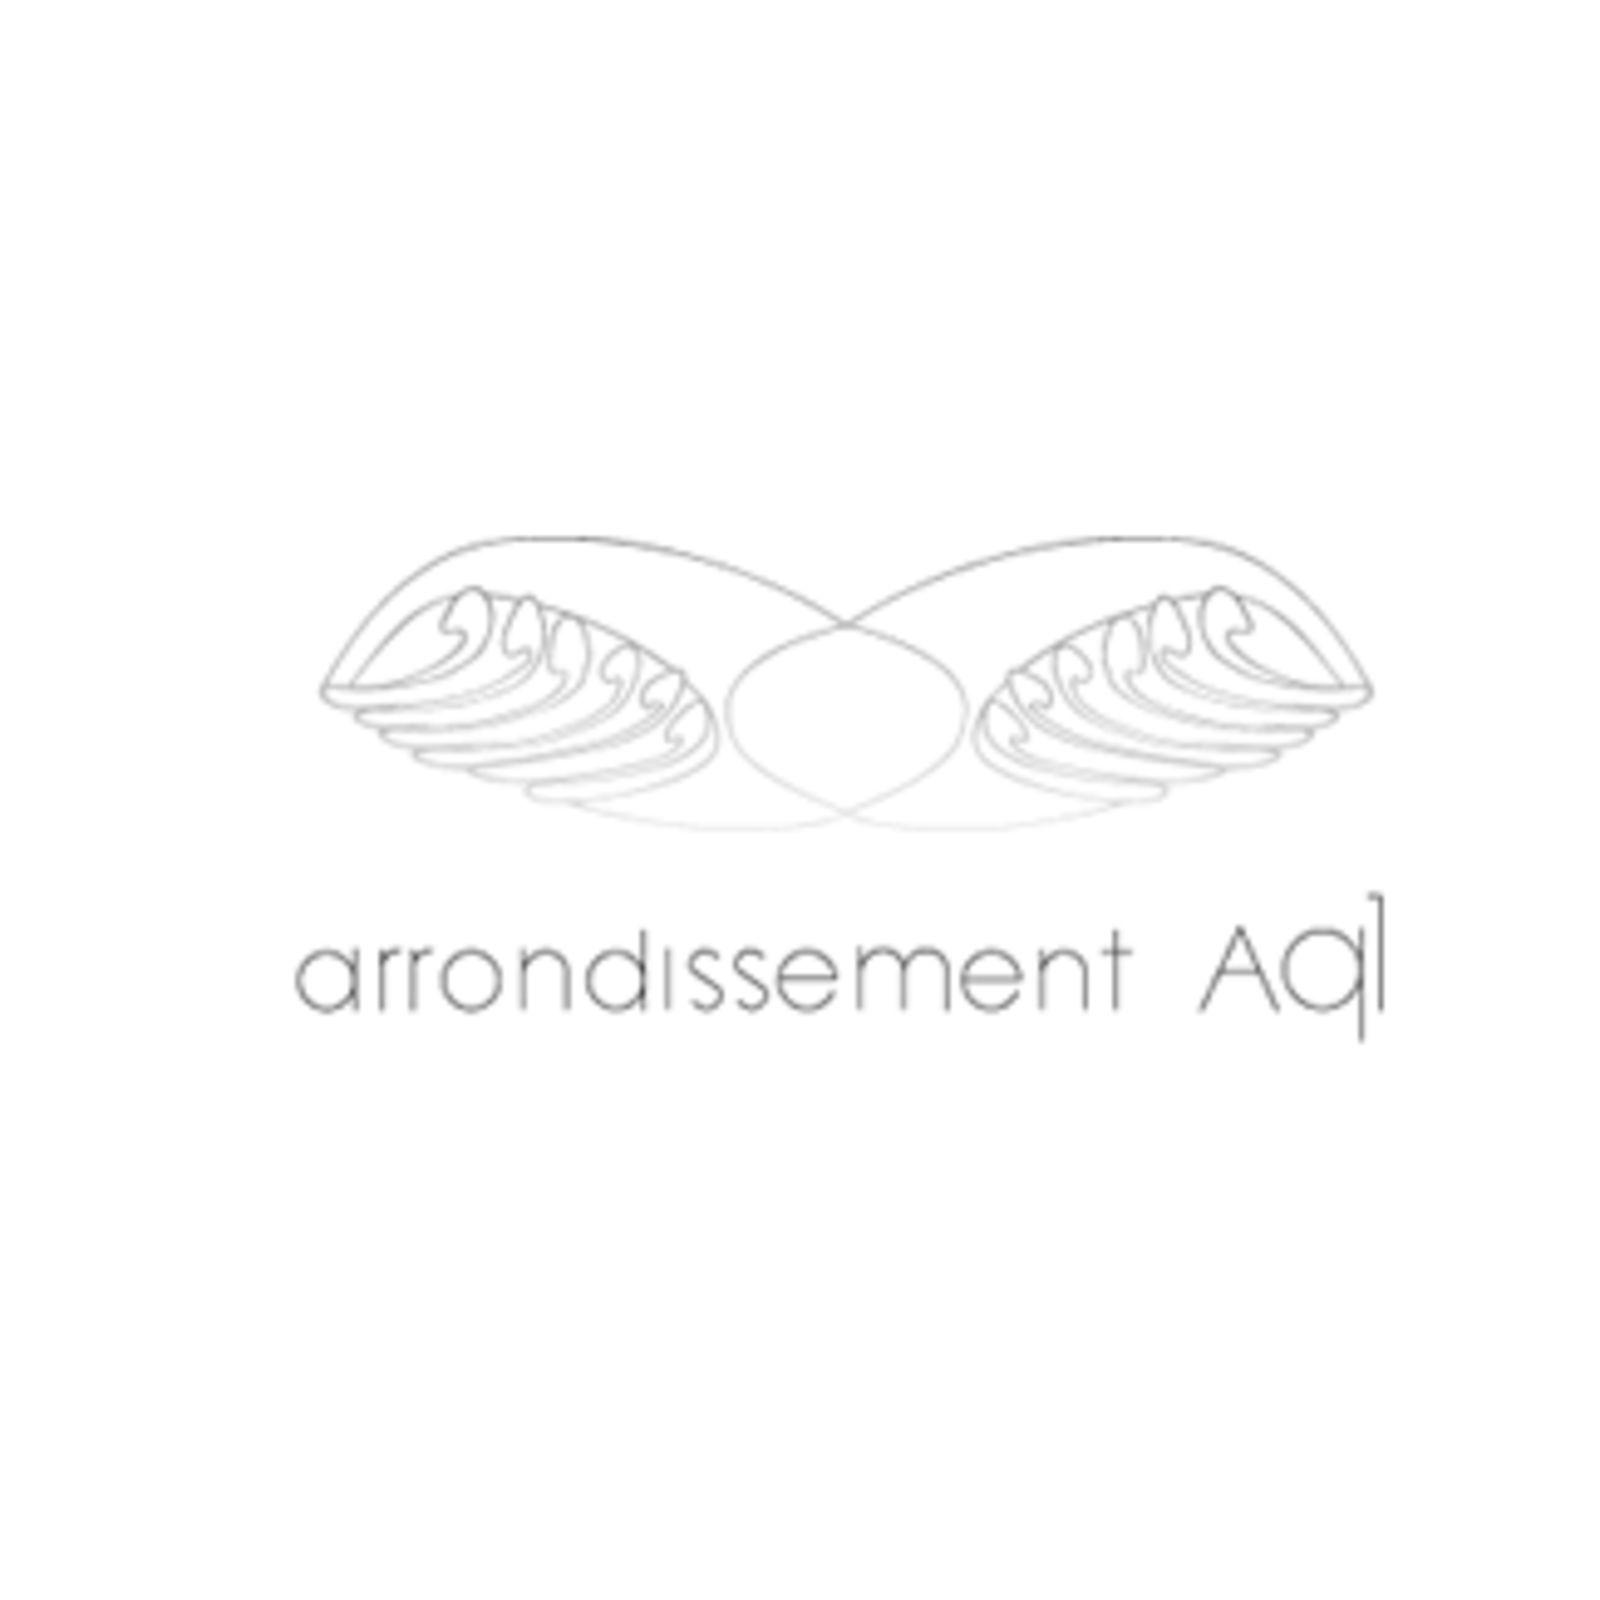 arrondissement Aq1